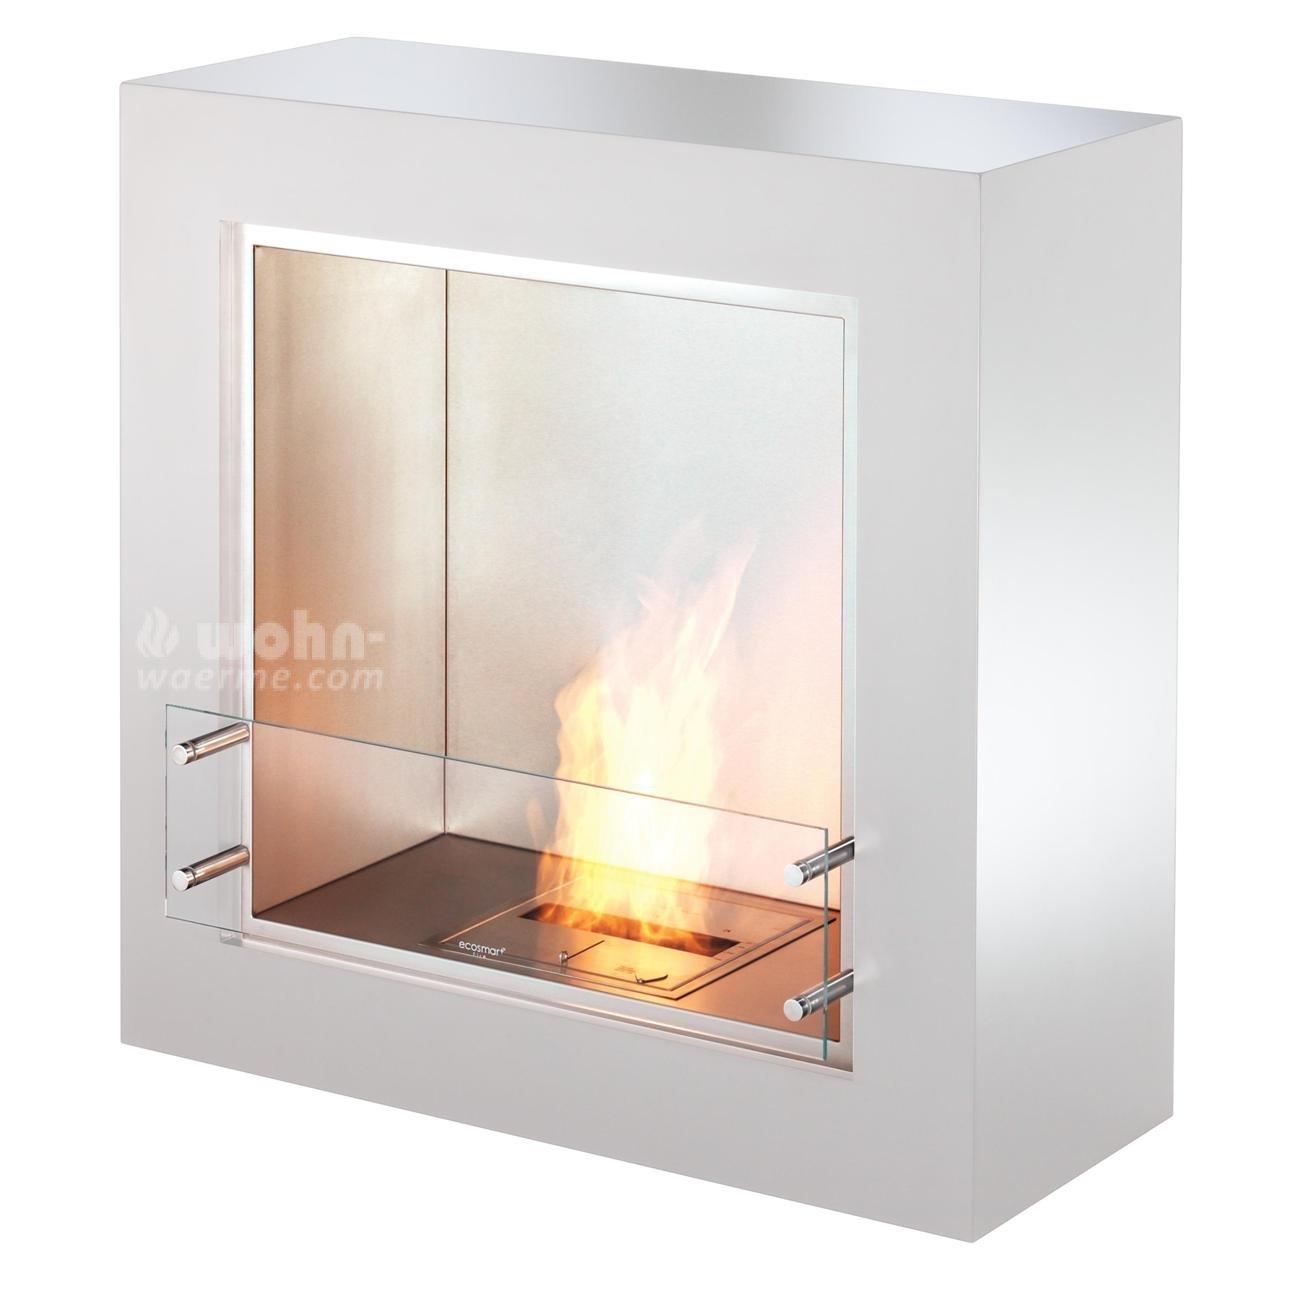 ecosmart ethanol kamin cube der designer range. Black Bedroom Furniture Sets. Home Design Ideas